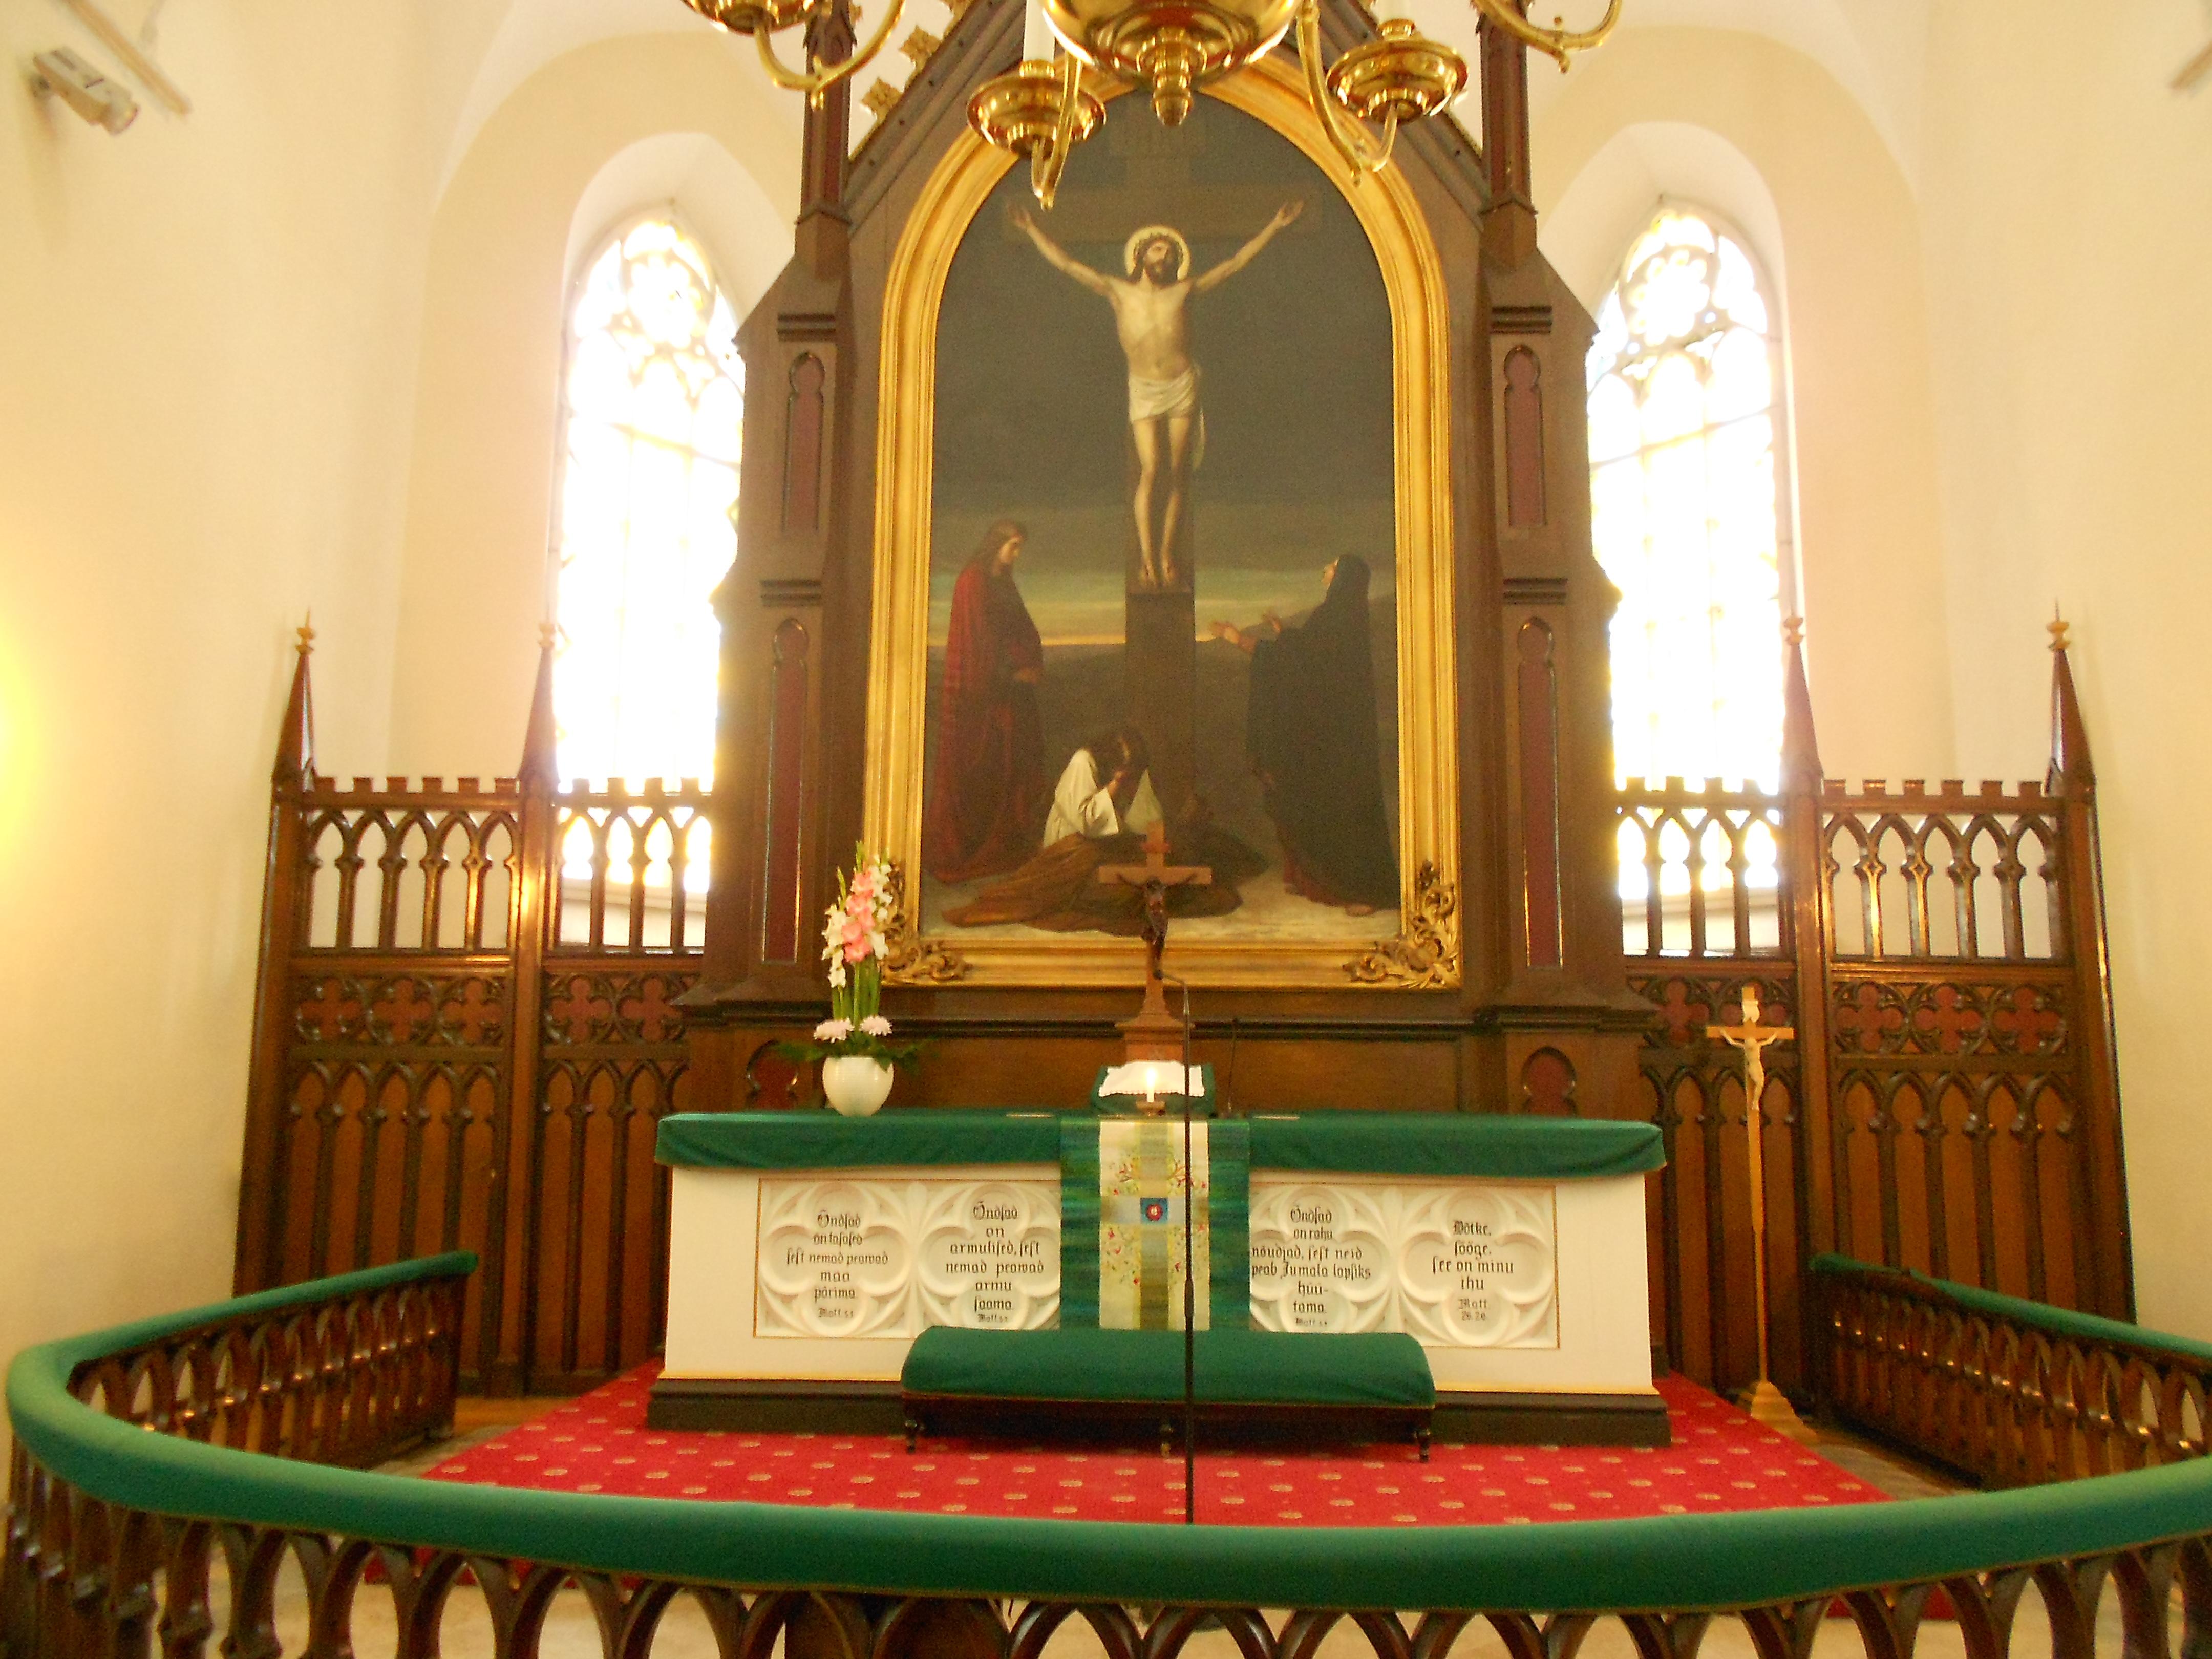 File:St-John-Tallinn-altar.jpg - Wikimedia Commons